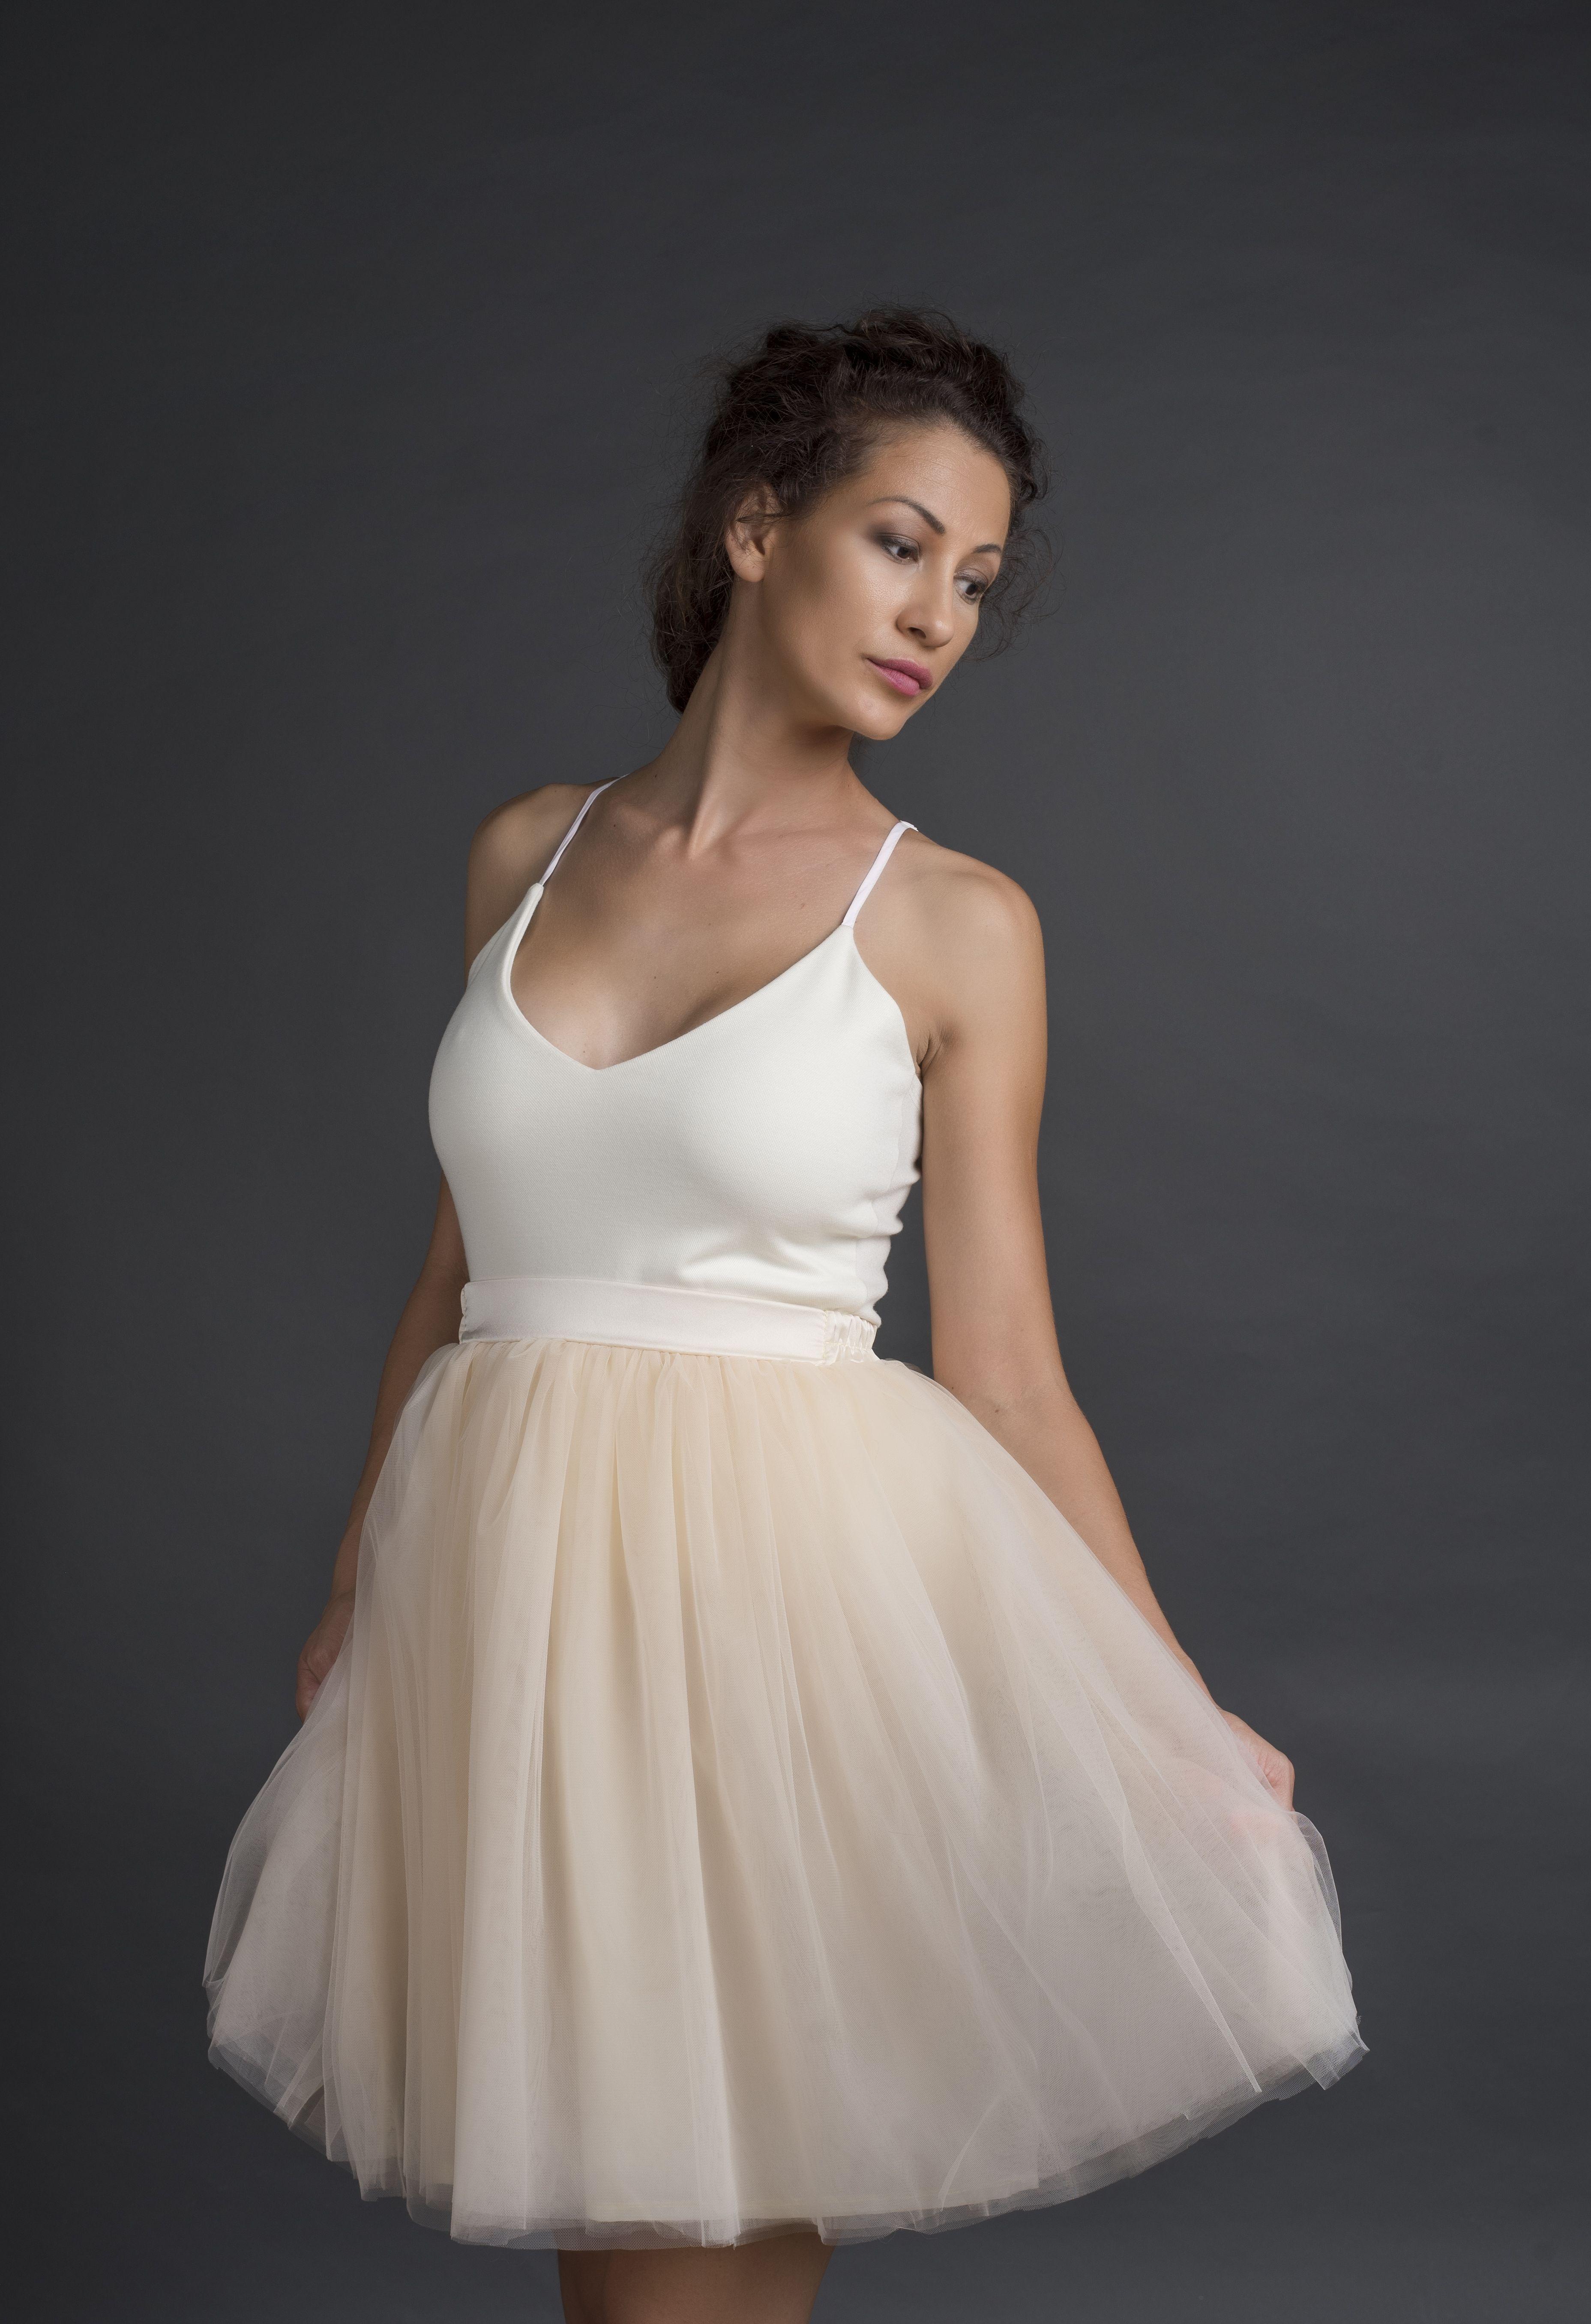 Tulle Skirts Tulle Skirt Tutu Skirt Women Skirt Shopping [ 5424 x 3713 Pixel ]